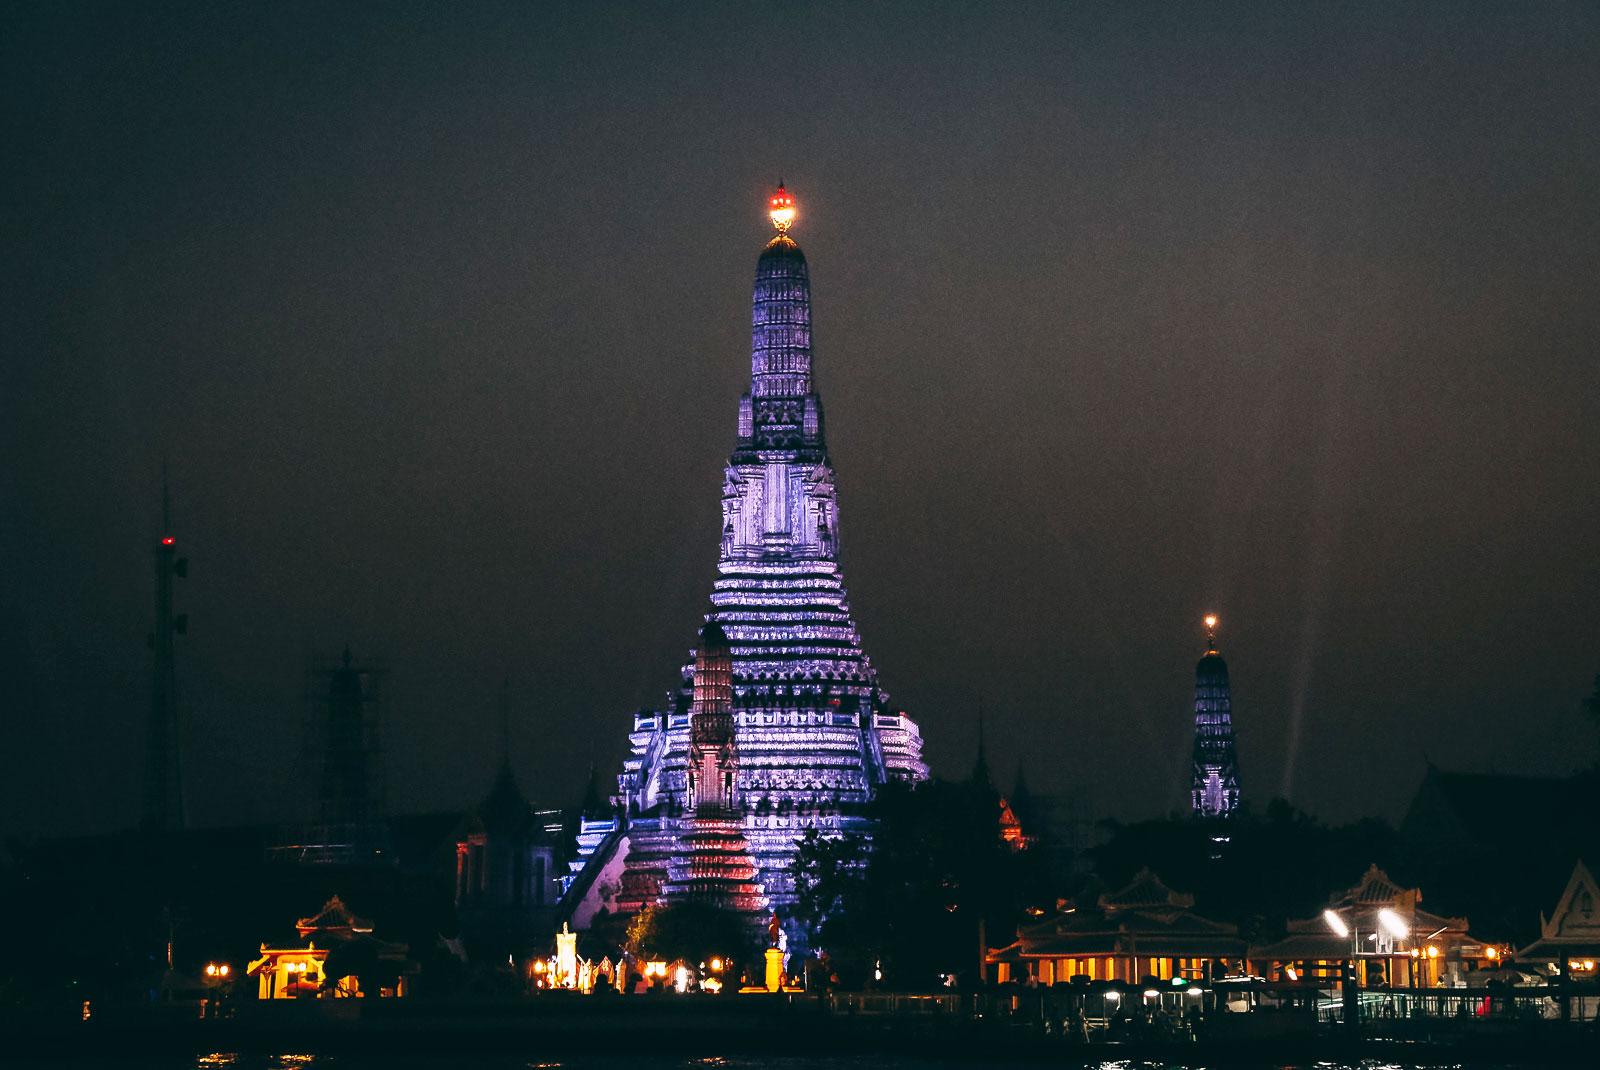 Der Wat Arun wird nachts in unterschiedlichen Farben angestrahlt.